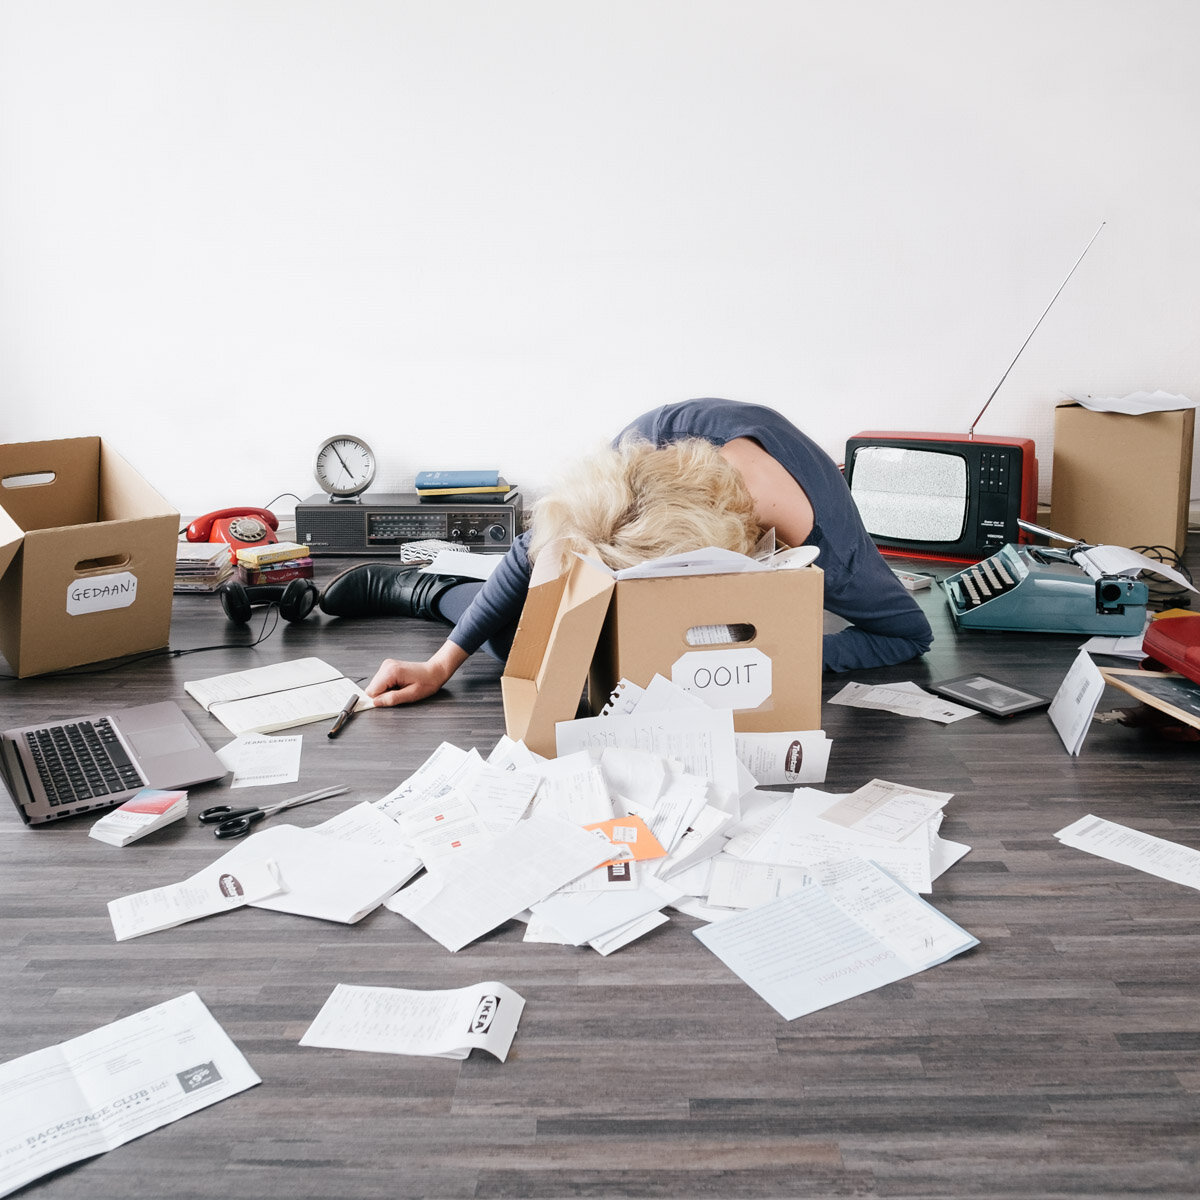 """Foto bij blog """"Als je doorlopend tijd of werk tekort komt"""" van ZinVol. Fotograaf: Valerie Ardini."""